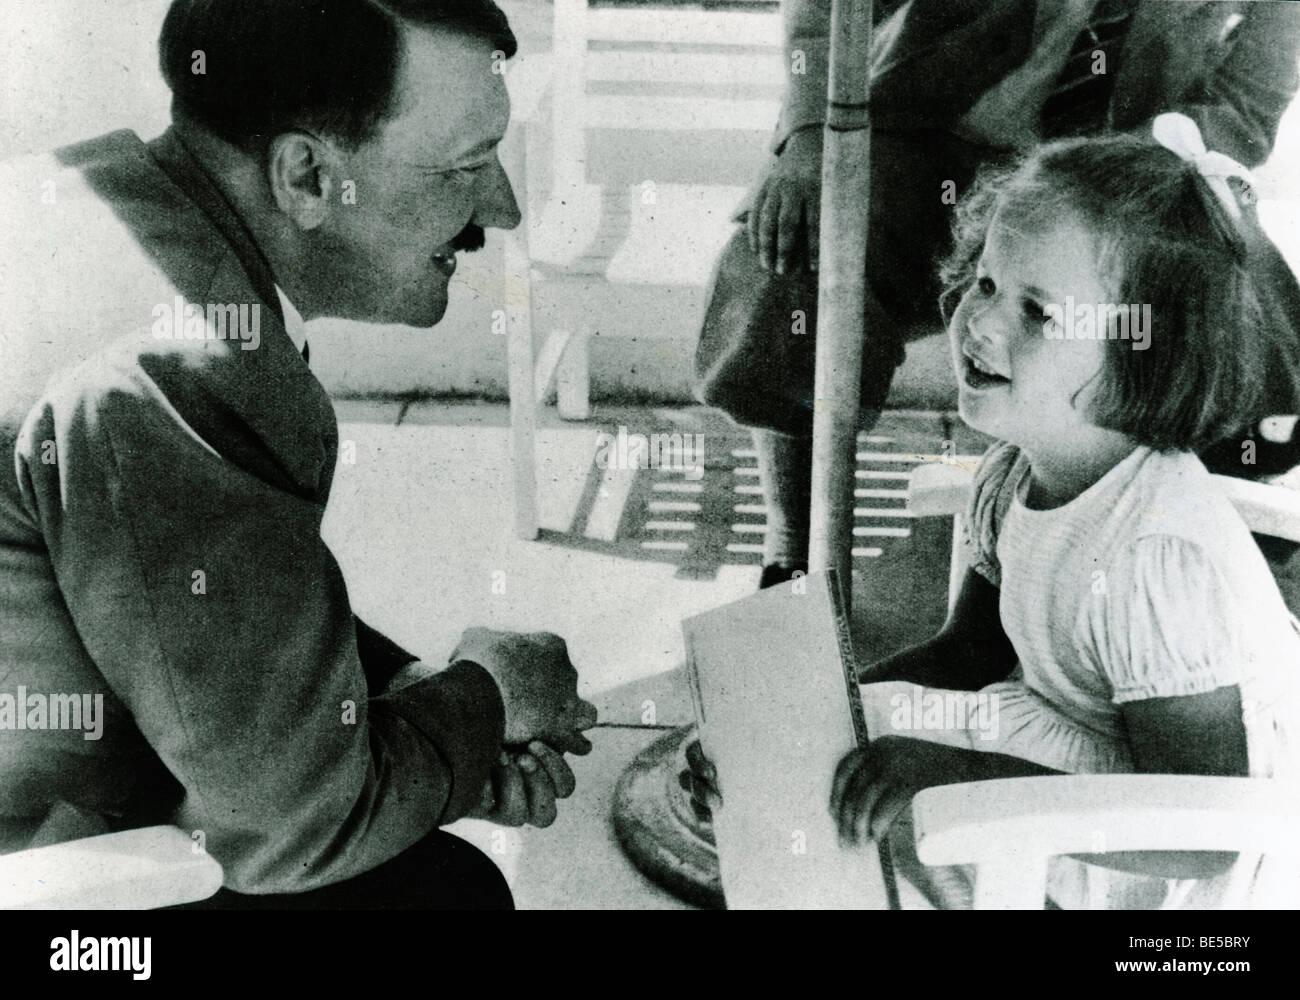 Adolf Hitler talking with a girl, historical photo circa 1937 - Stock Image